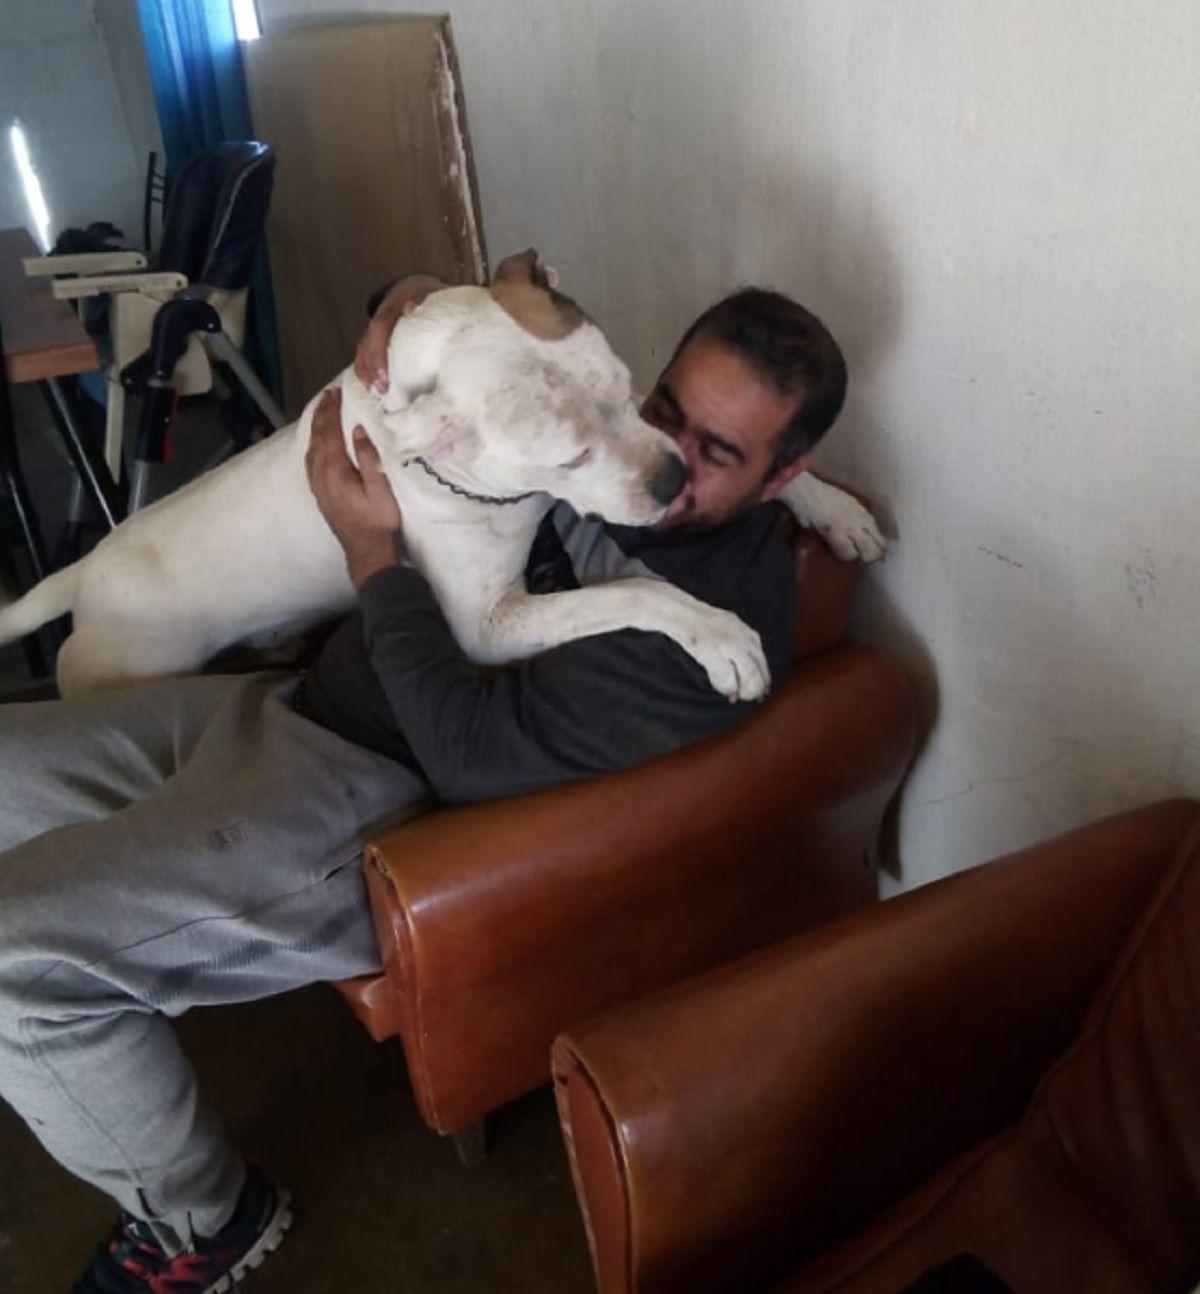 Un perro atacó a cuatro personas en Córdoba: lo mataron a palazos y cuchillazos